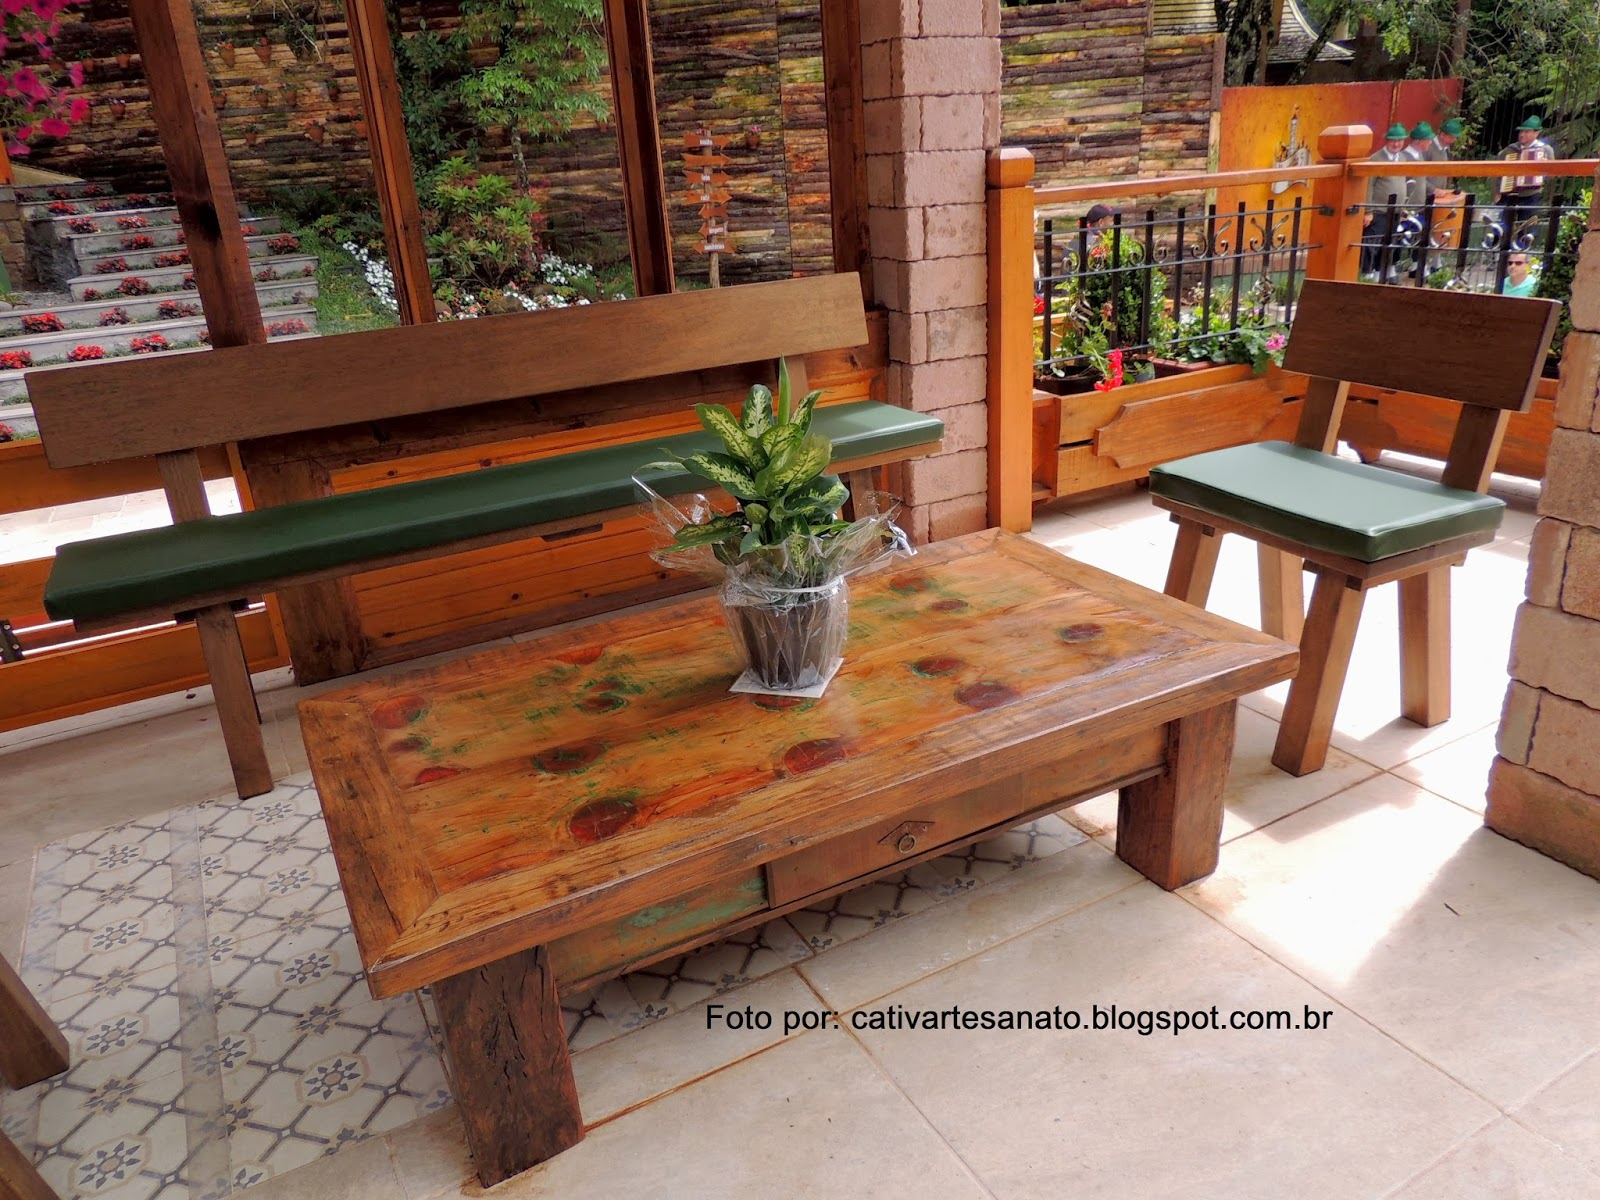 cativa artesanato: Mesa e bancos de madeira de Gramado/RS #AF471C 1600x1200